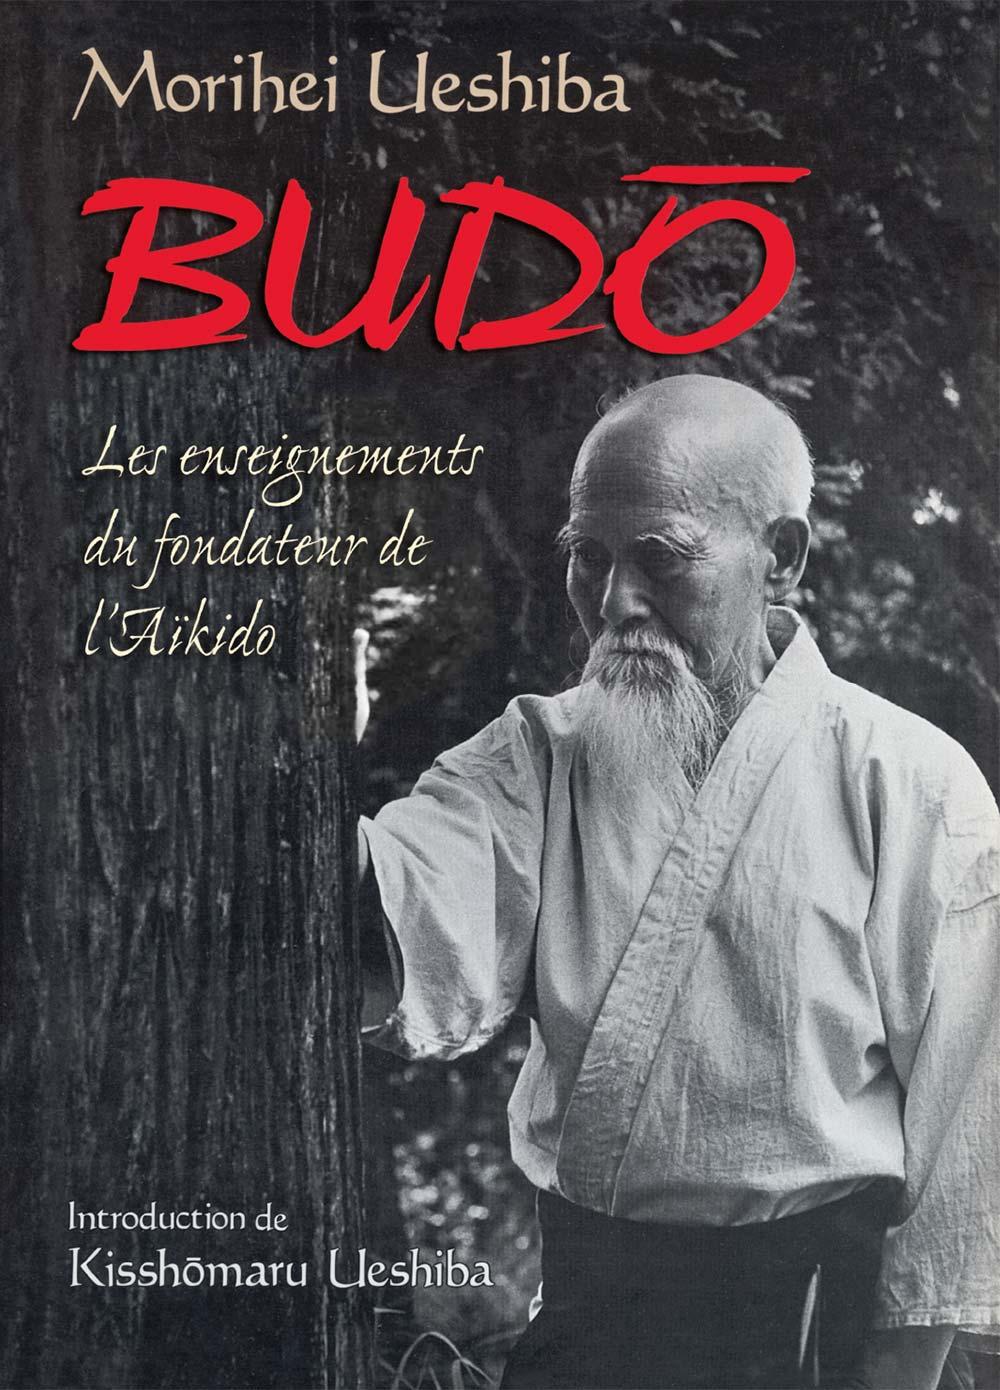 BUDO Les enseignements du fondateur de l'aïkido